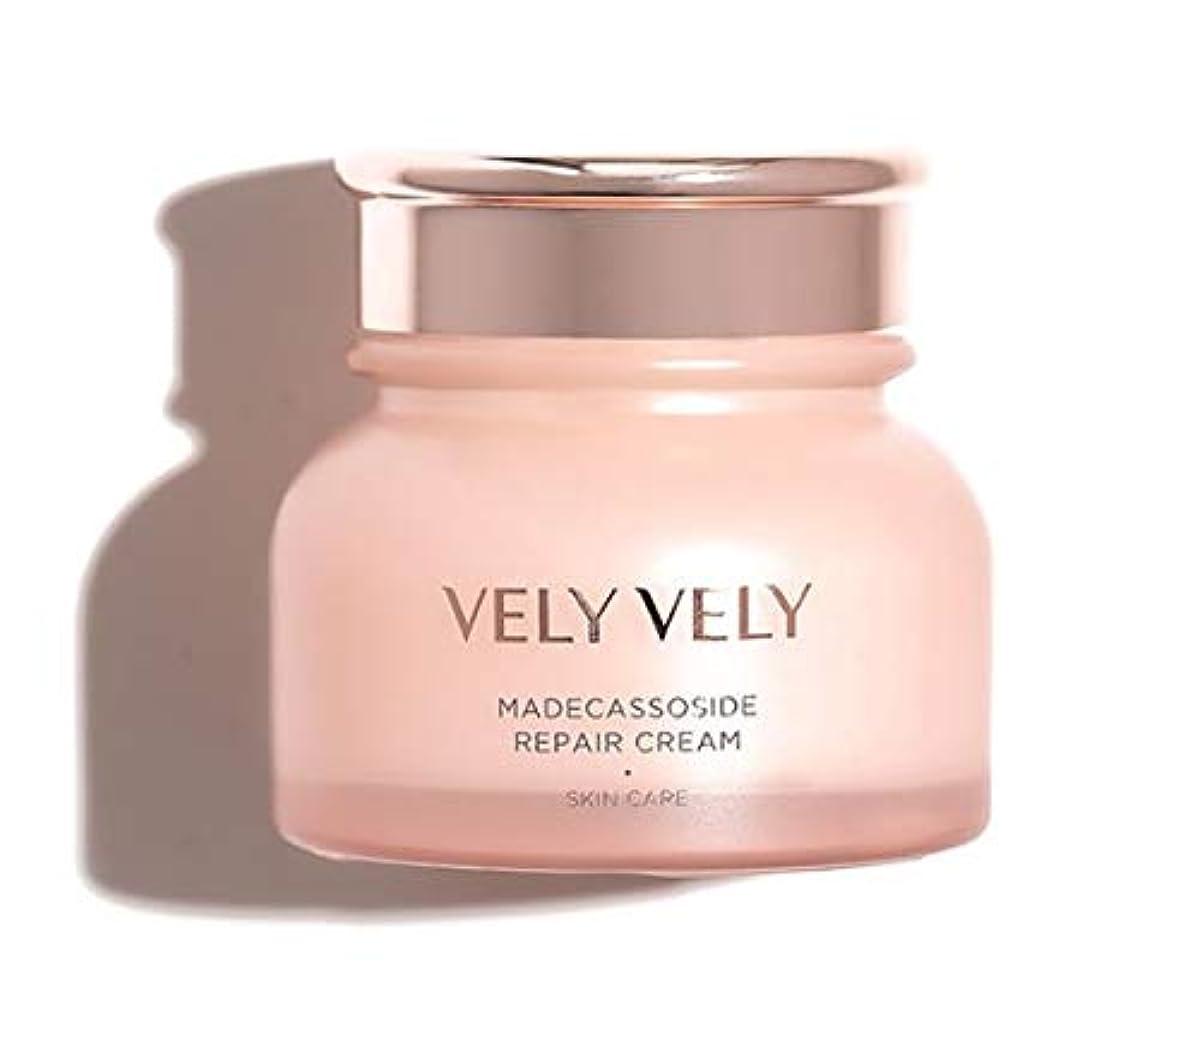 クーポン植物学売るVELY VELY Madecassoside Cream 50ml / ブリーブリー マデカソシドクリーム 50ml [並行輸入品]